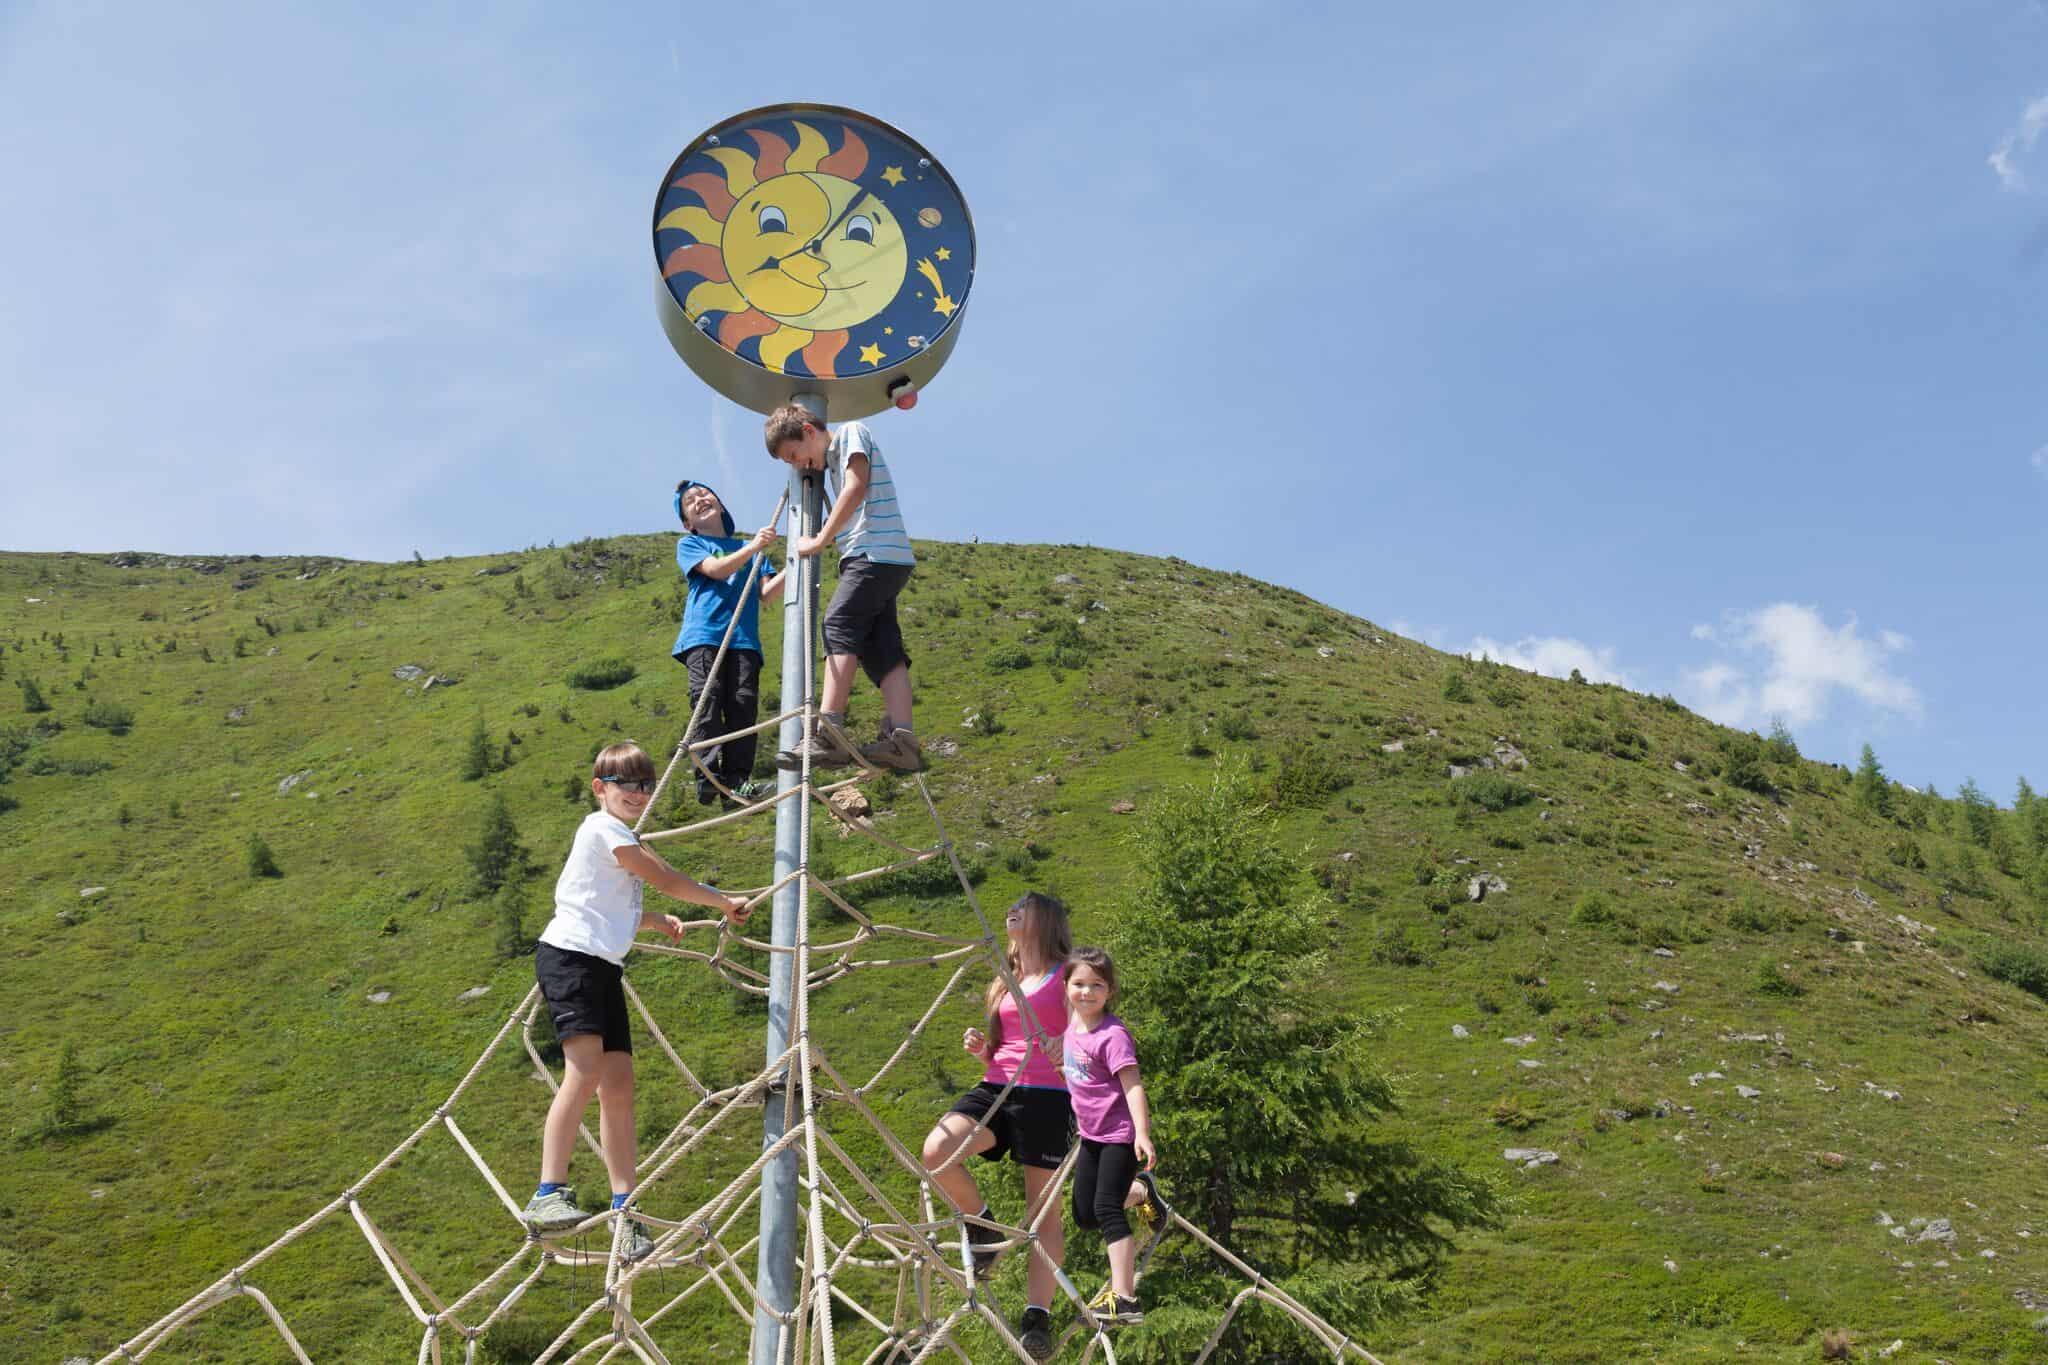 Kinder auf Kletterseilen - Nocky`s Almzeit ist ein Entdeckungs-Spielplatz auf der Turracher Höhe in Kärnten mit vielen Highlights.